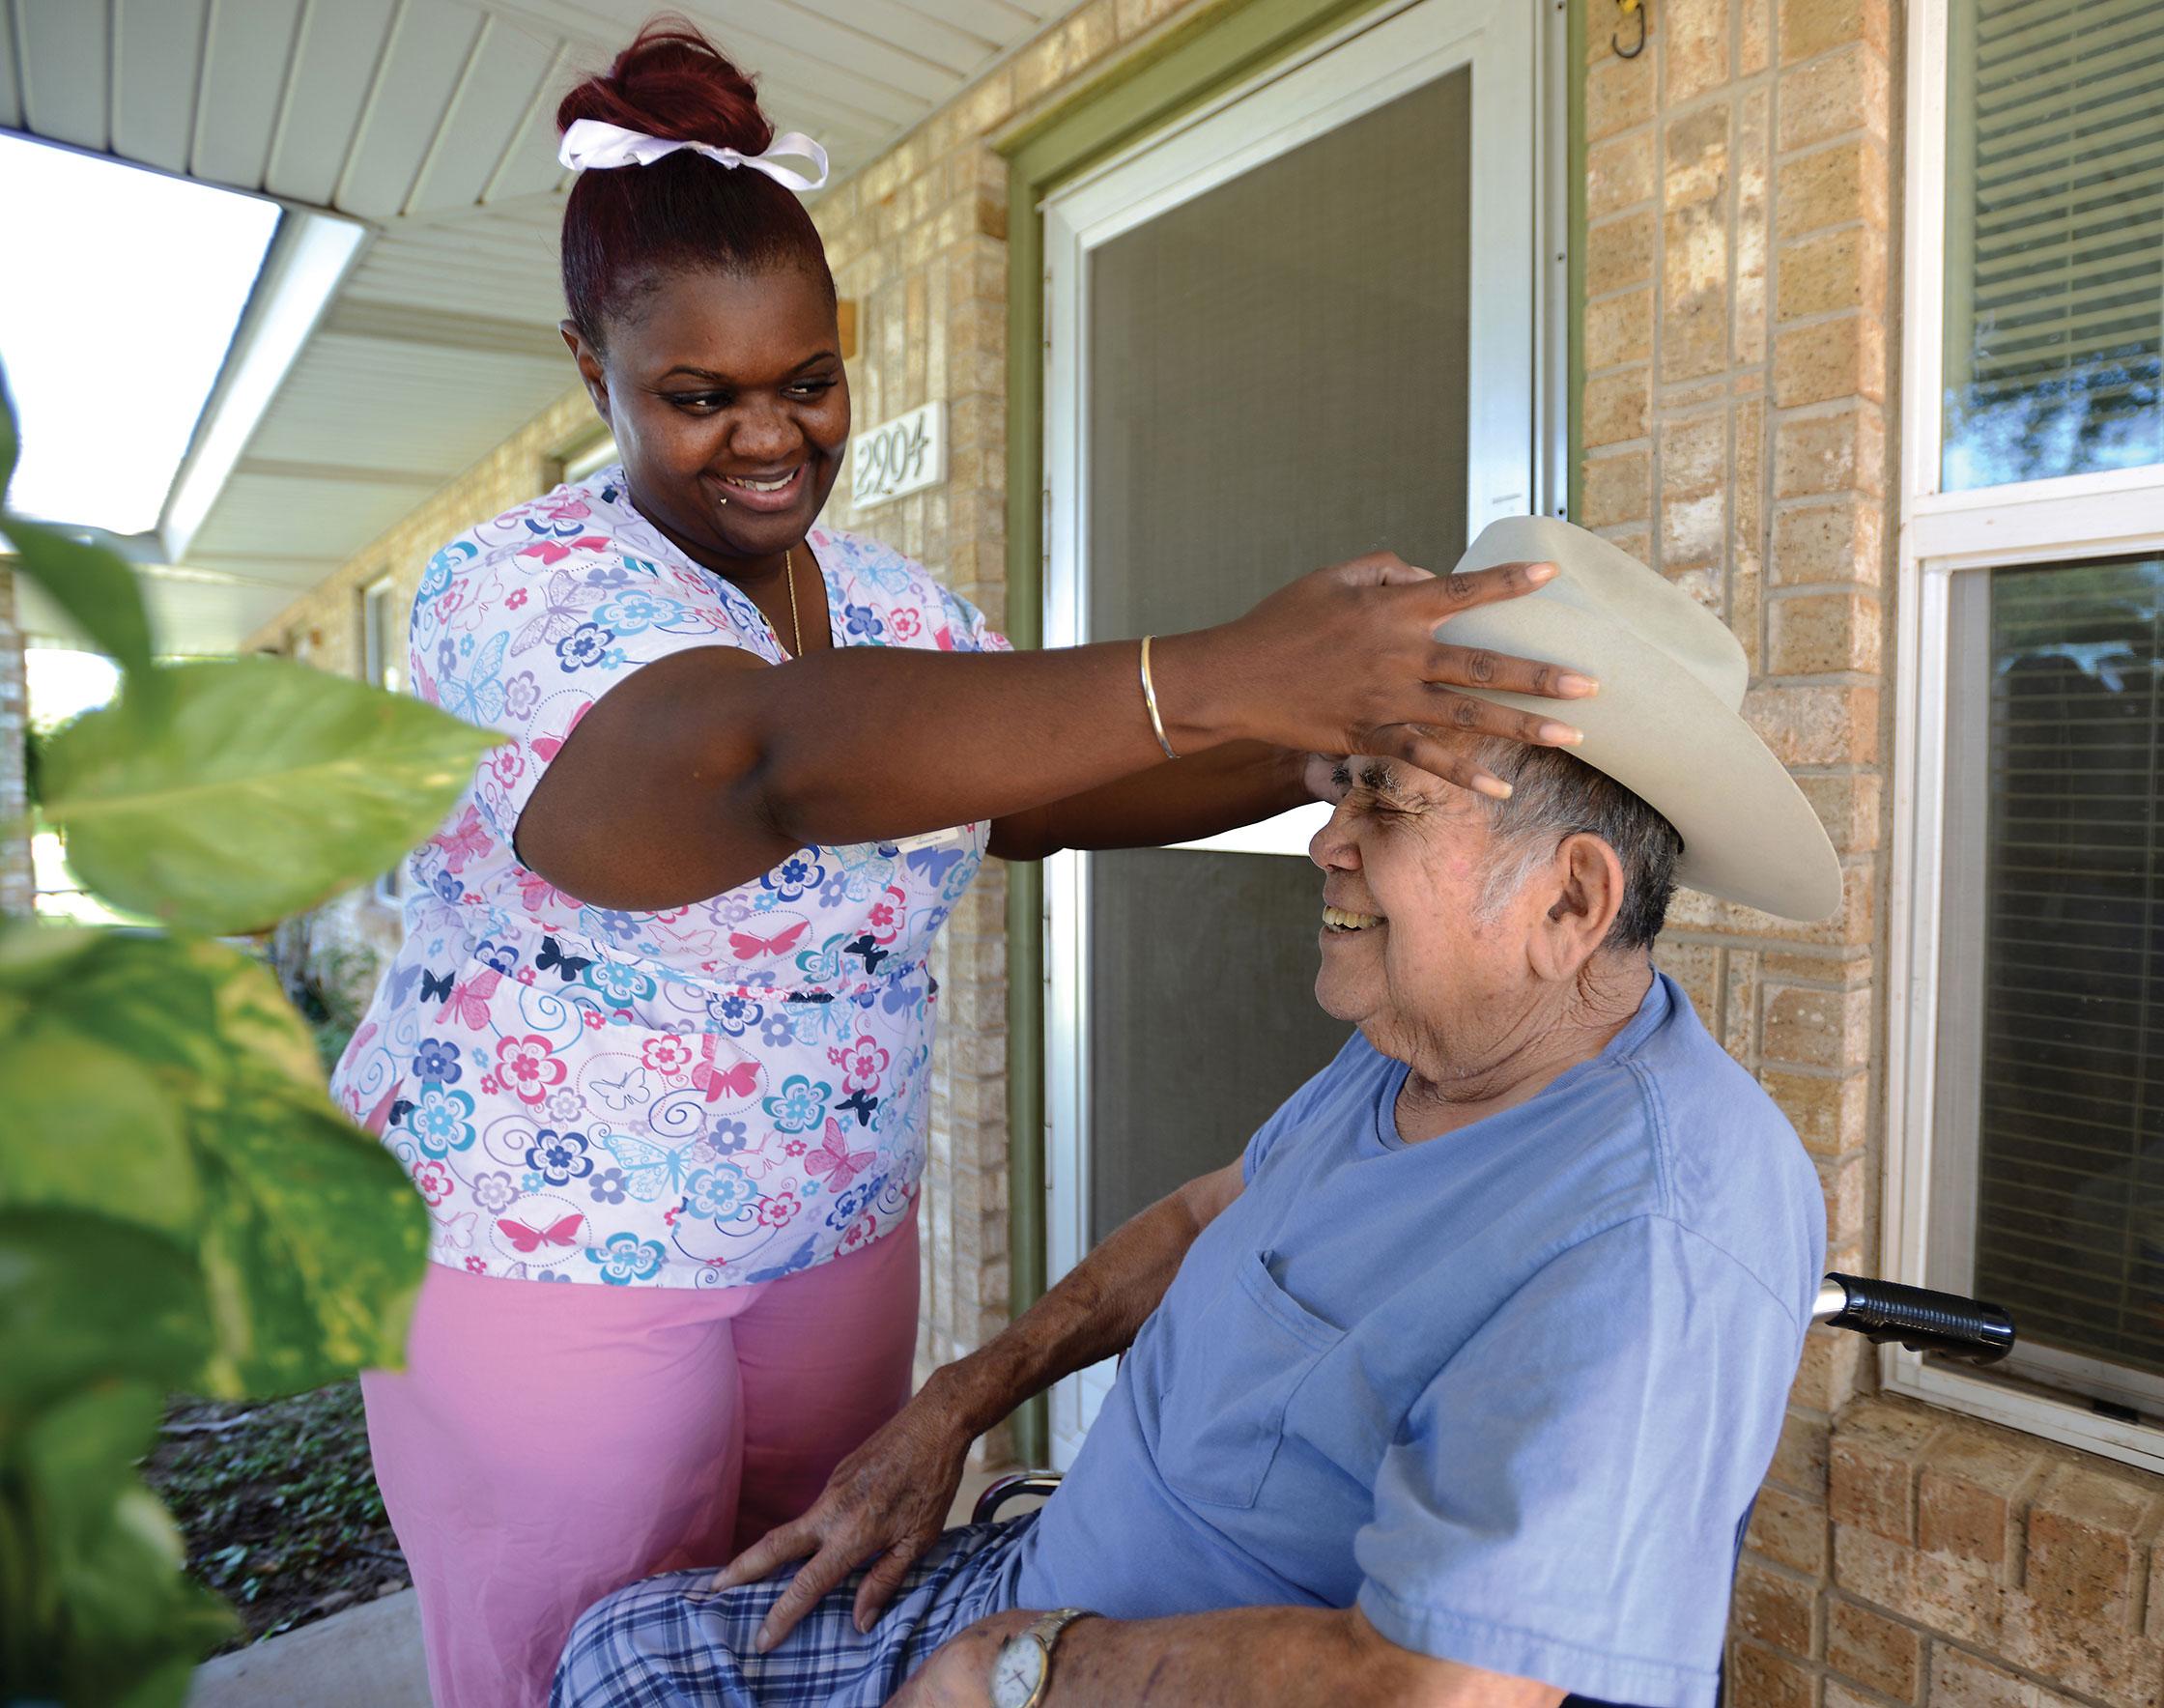 A Compassus nurse places a hat on a patient's head